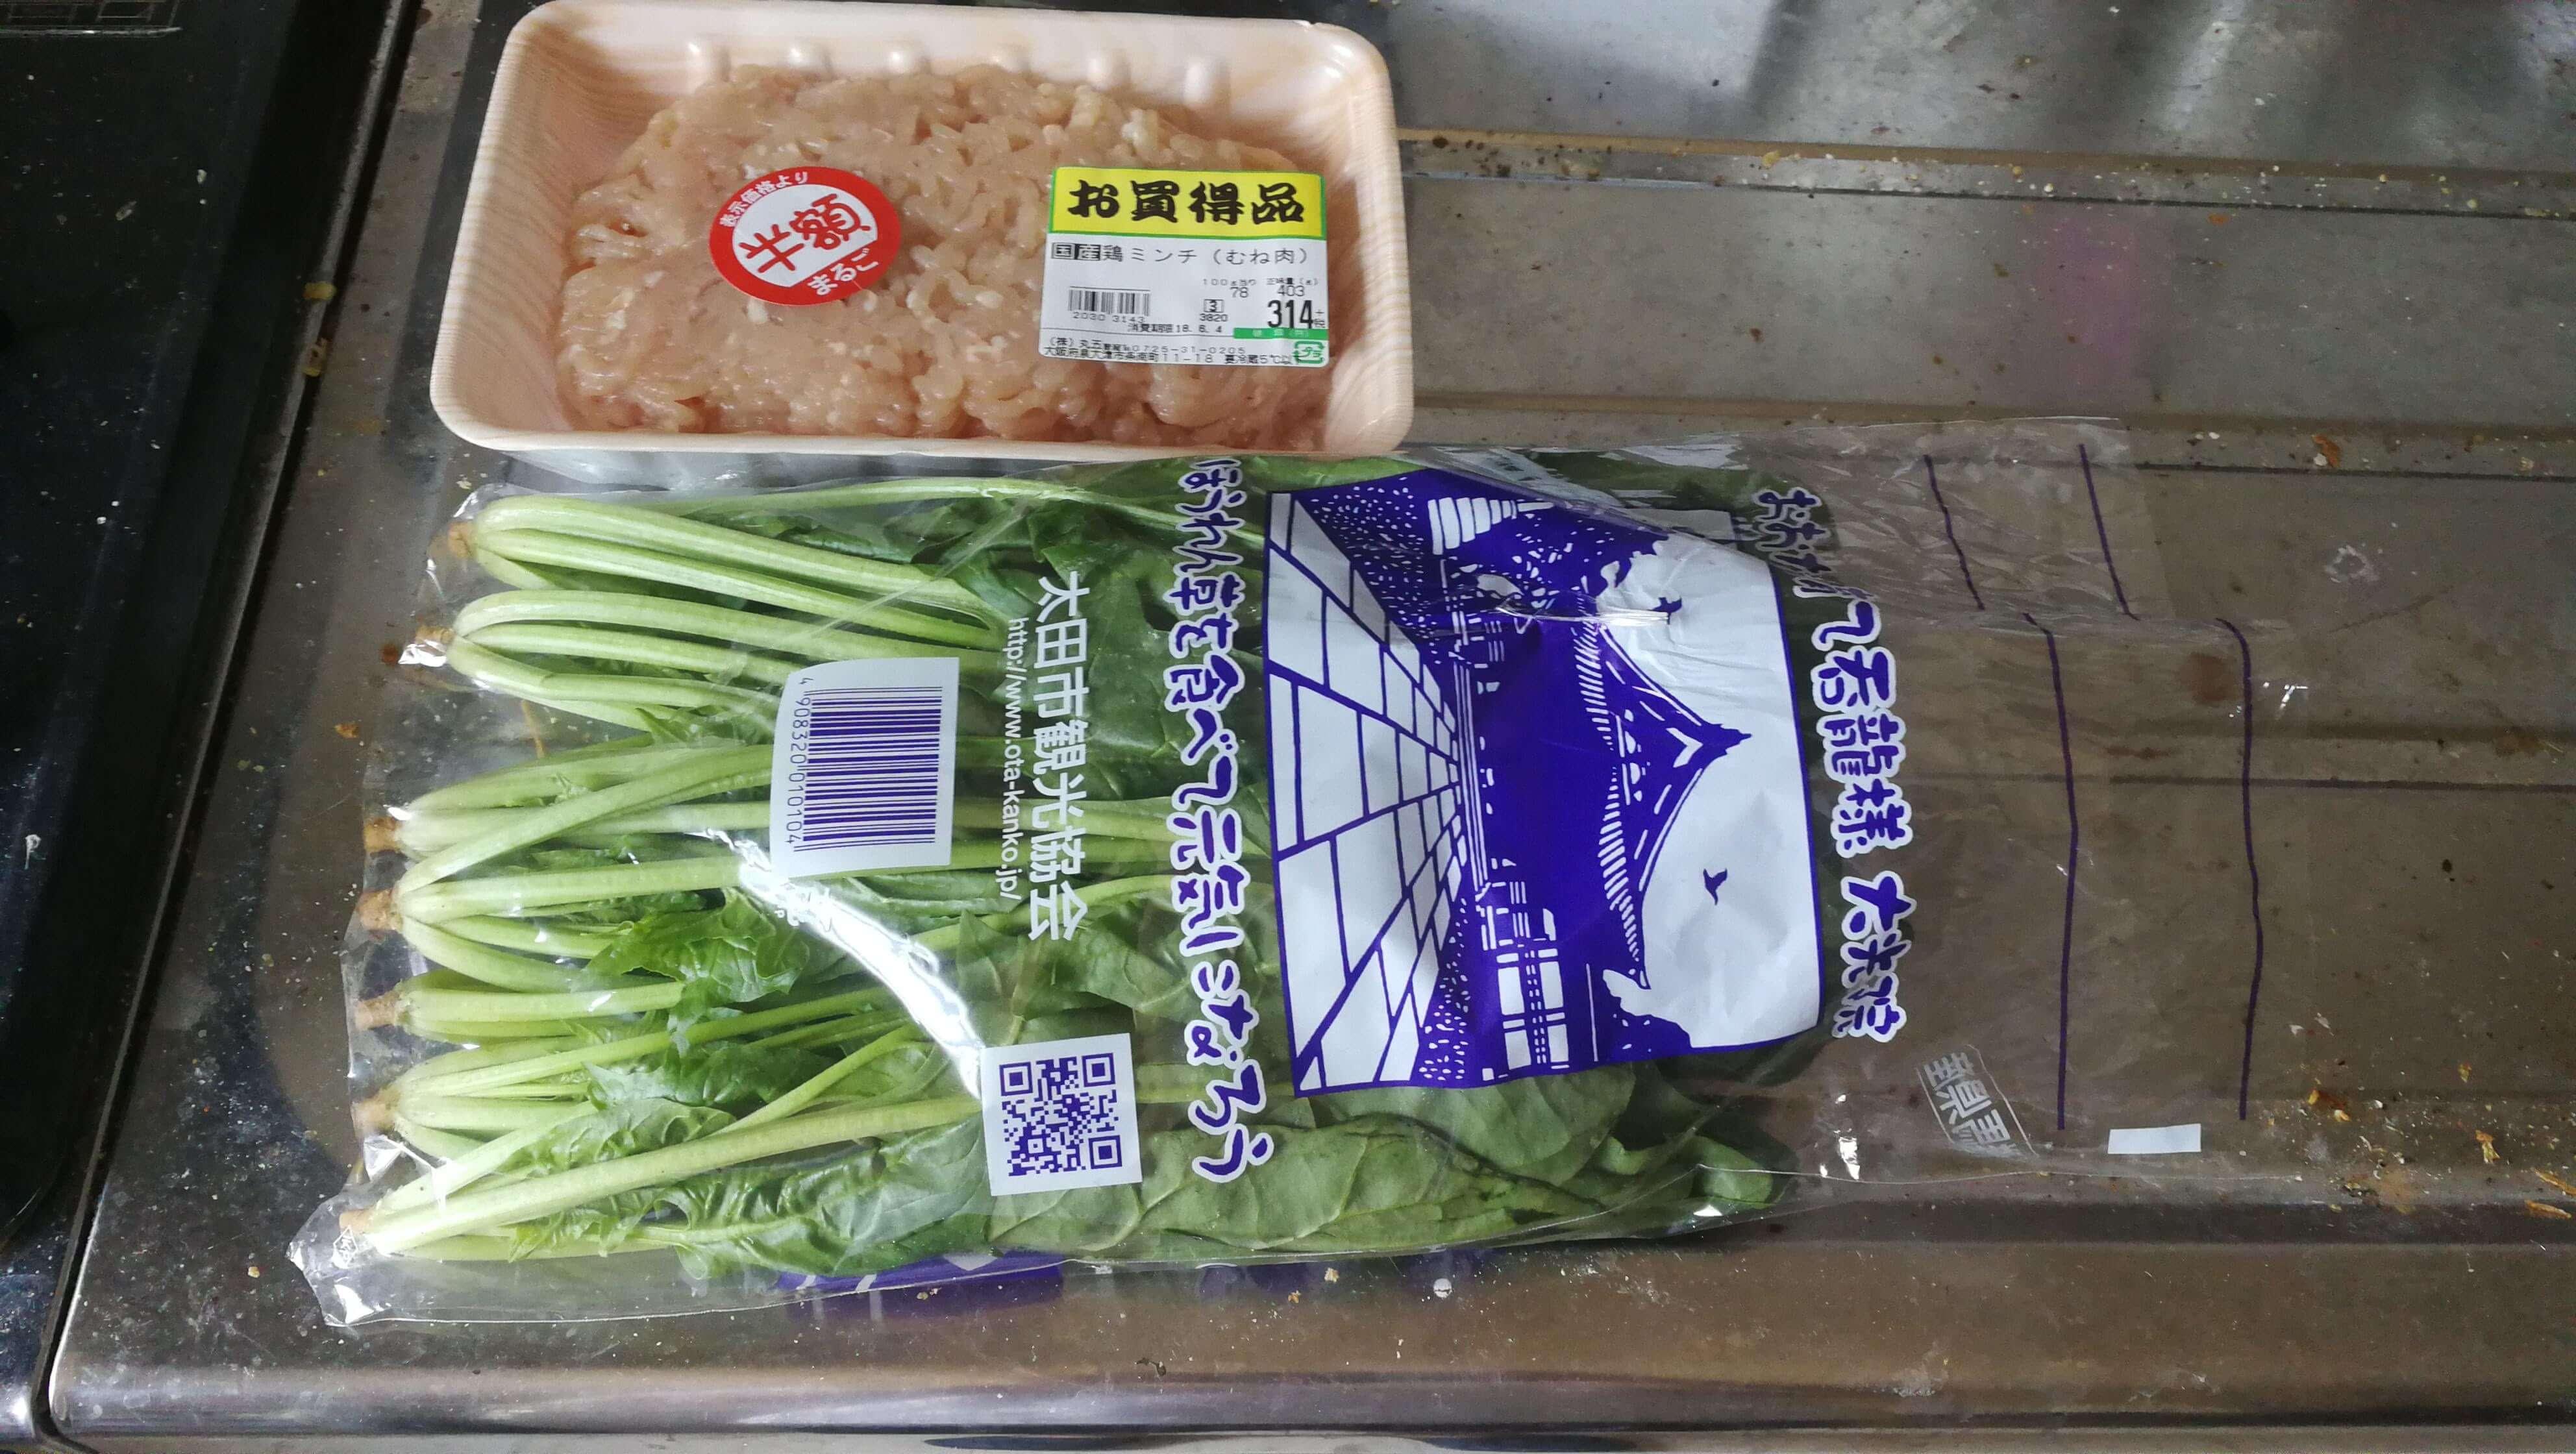 筋トレ後の食事レシピ 鶏胸肉とほうれん草と卵炒め